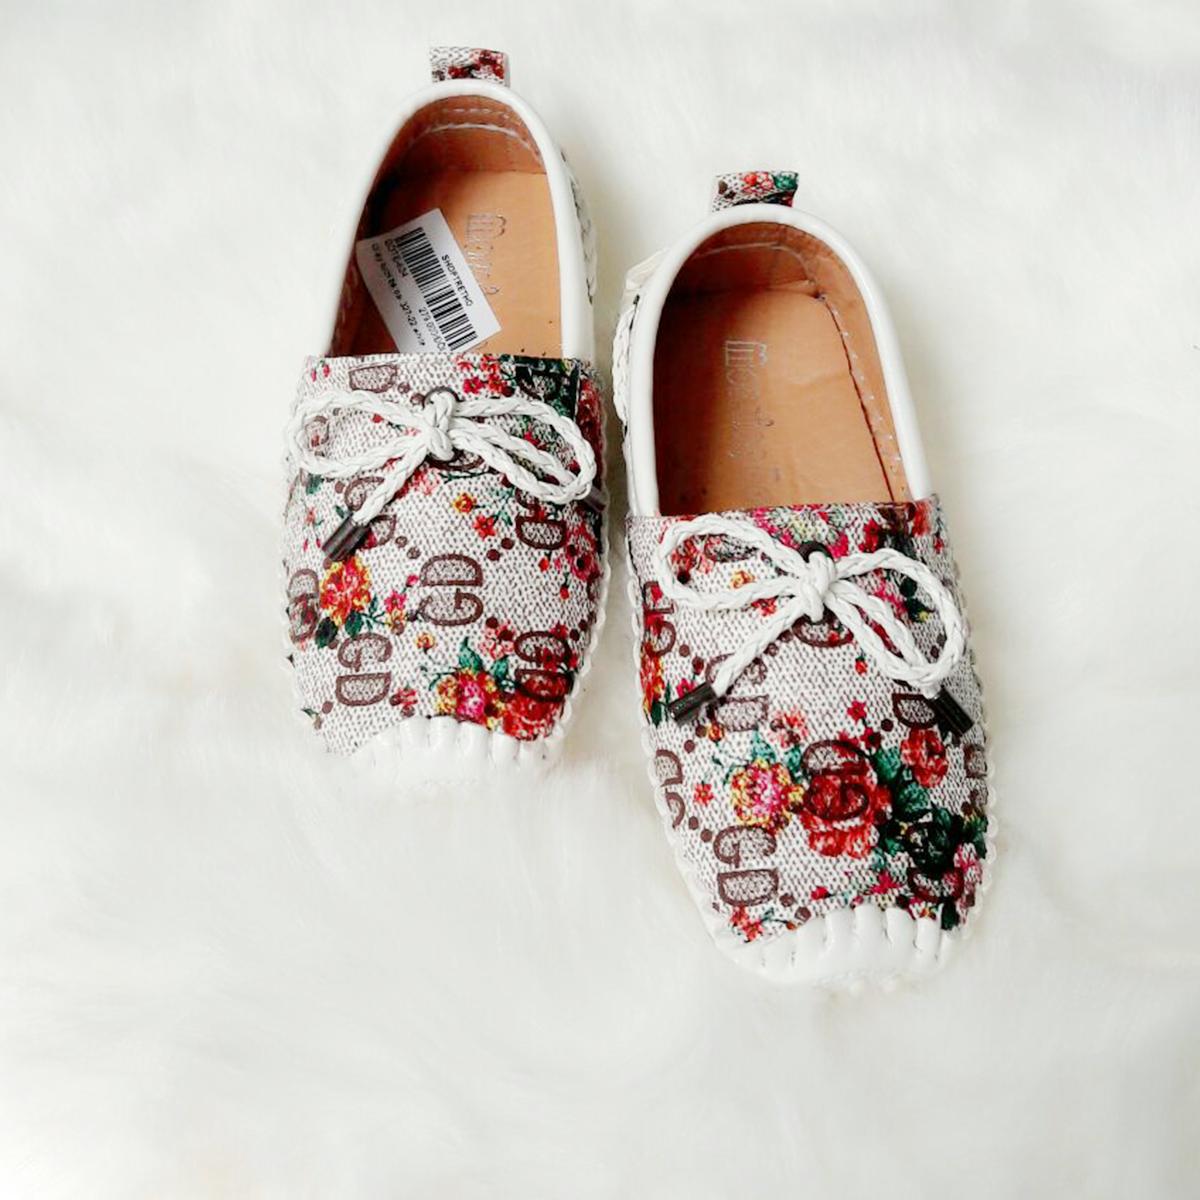 Giày lười bé gái 0026-12 (1-4T)